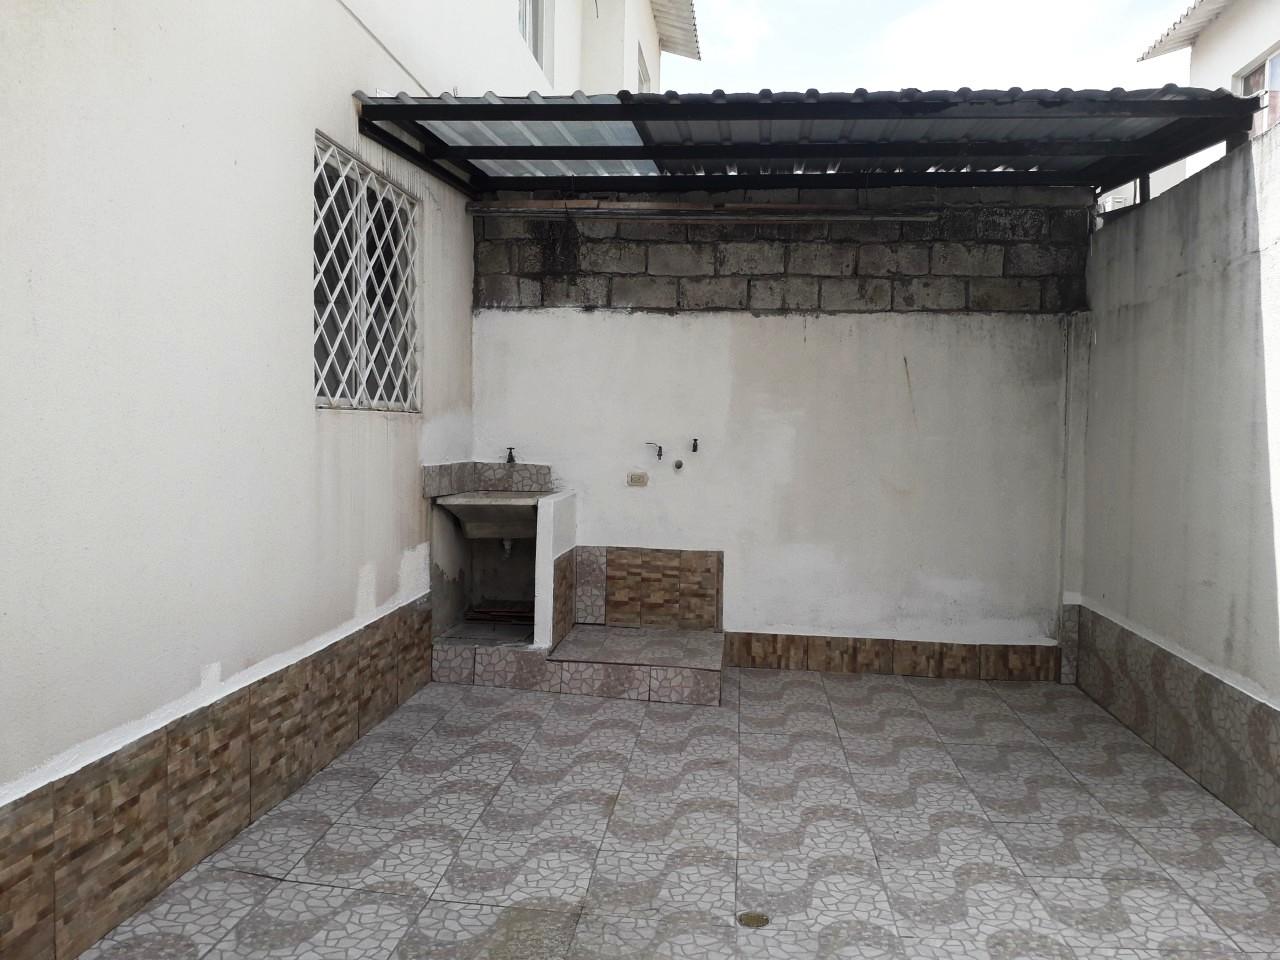 alquiler malaga meza 2 patio 3